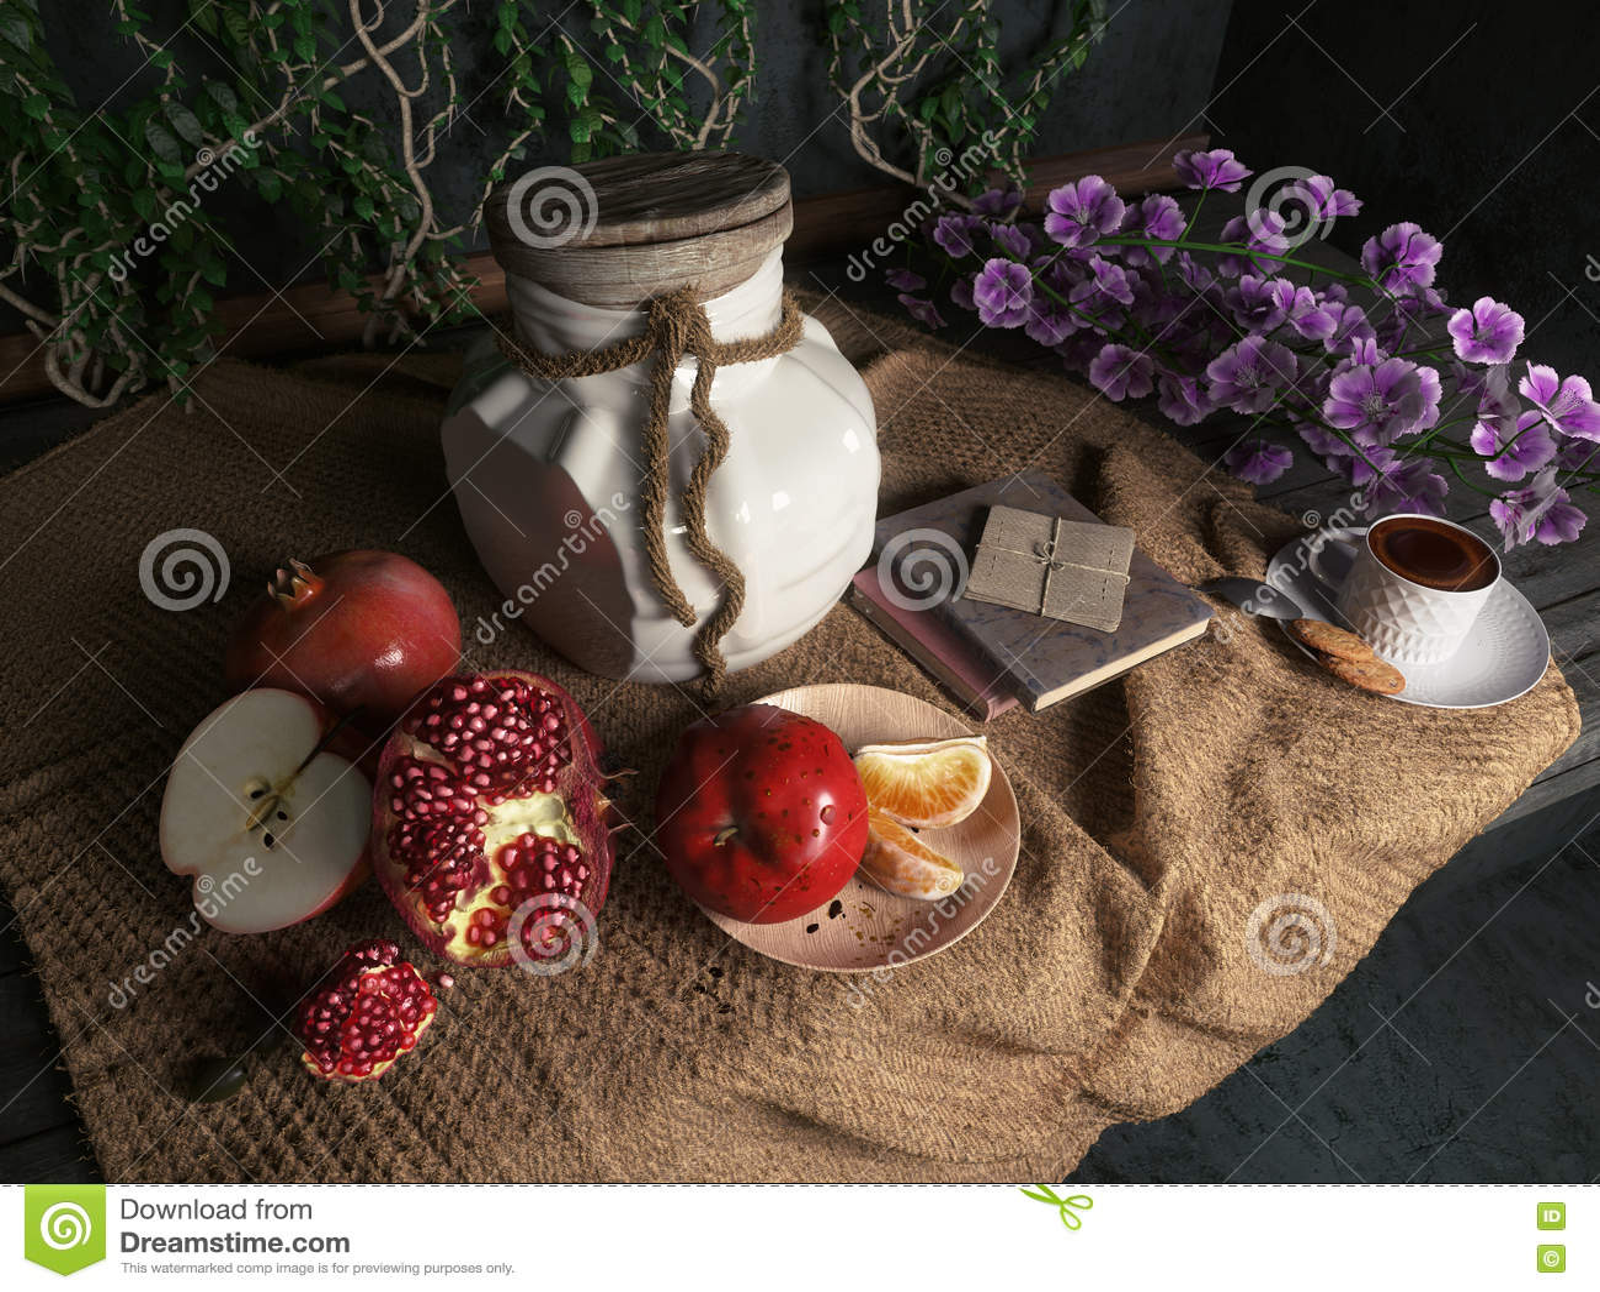 Το βάζο, μήλα, ρόδι, coffe κοιλαίνει με τα βιβλία και το πορτοκάλι στην εννοιολογική ακόμα-ζωή υφασματεμποριών καμβά